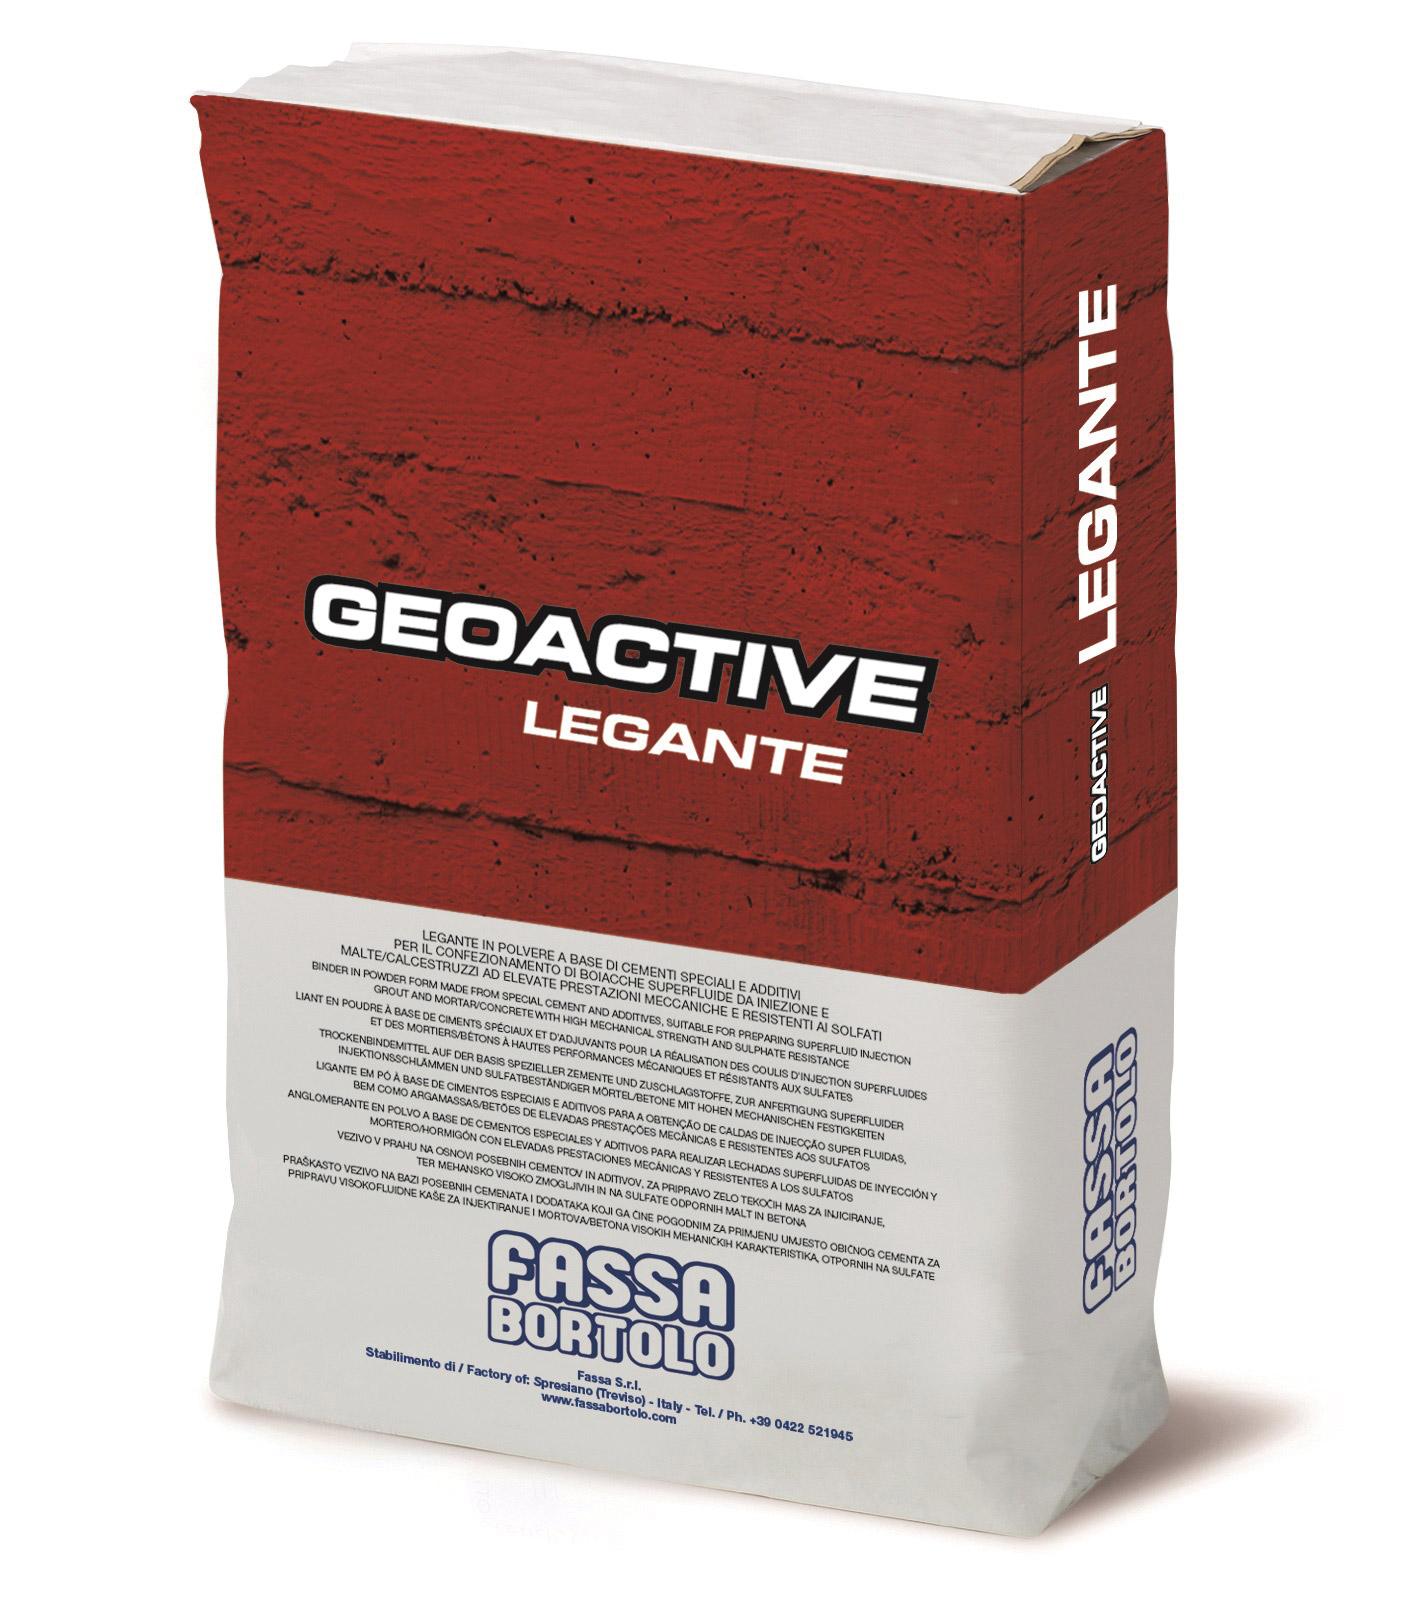 GEOACTIVE LEGANTE: Ligante cimentício expansivo super-fluído para a confeção de betões, microbetões, argamassas de retração compensada e para a utilização de caldas super-fluídas